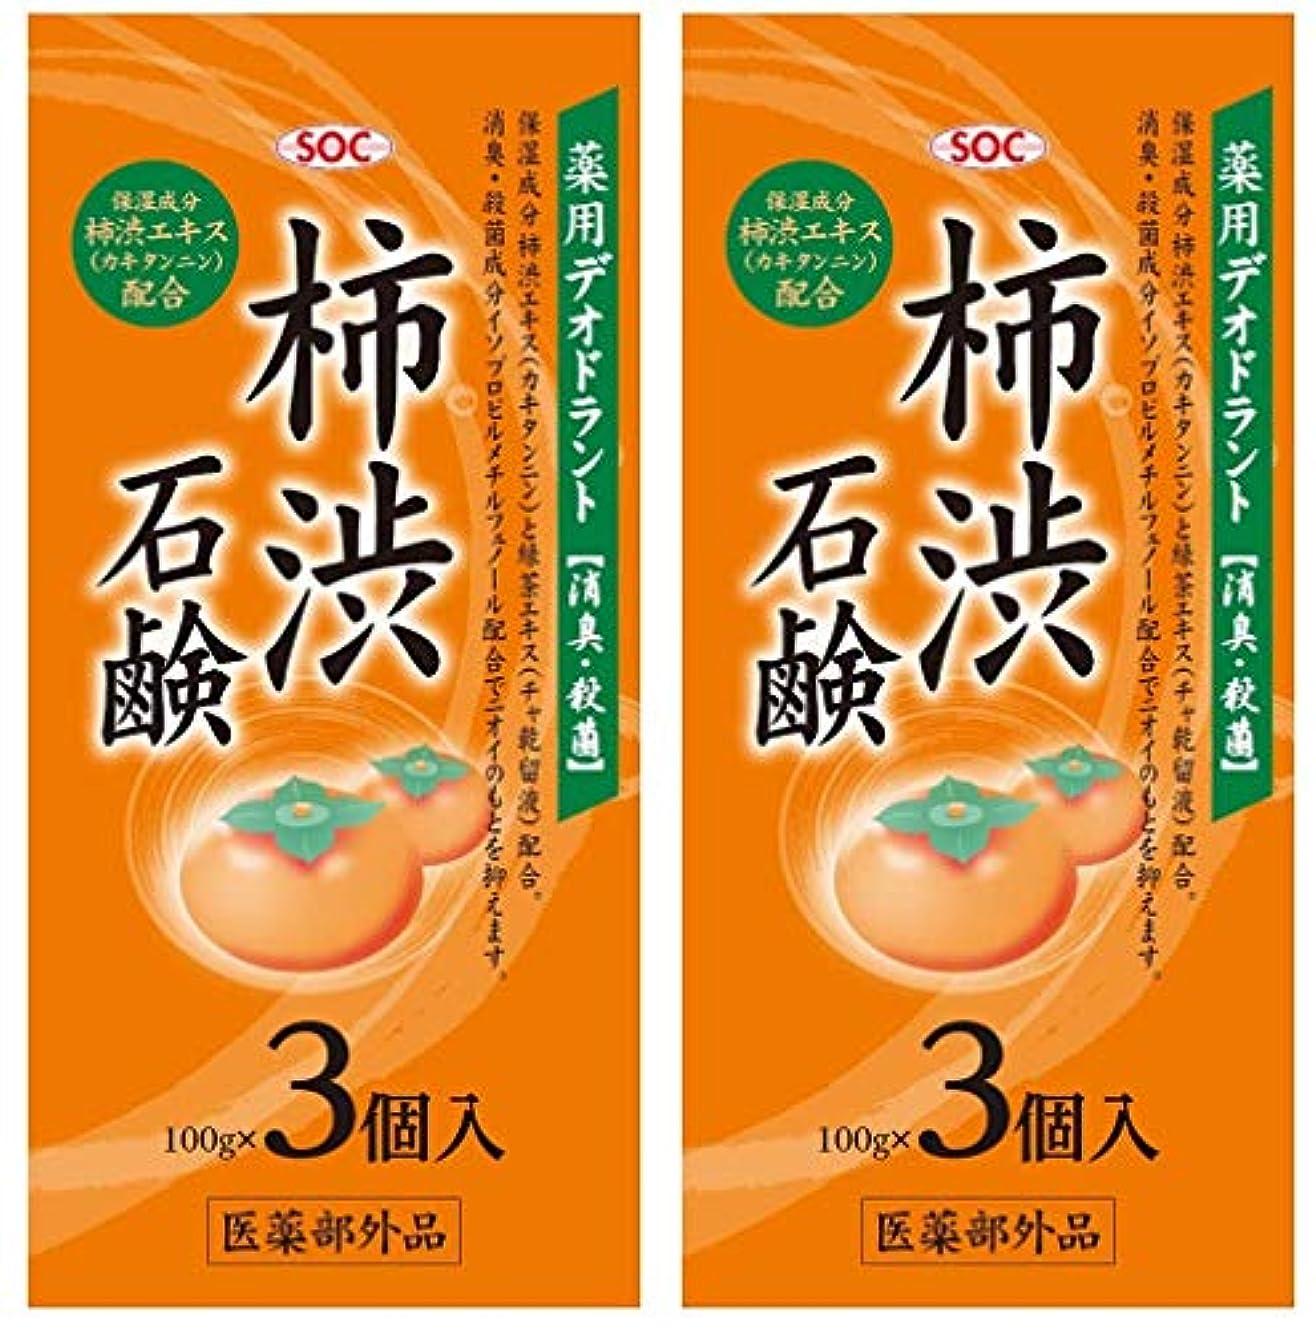 割り当てるフロントうめきSOC 薬用柿渋石鹸 3P (100g×3) 2セット